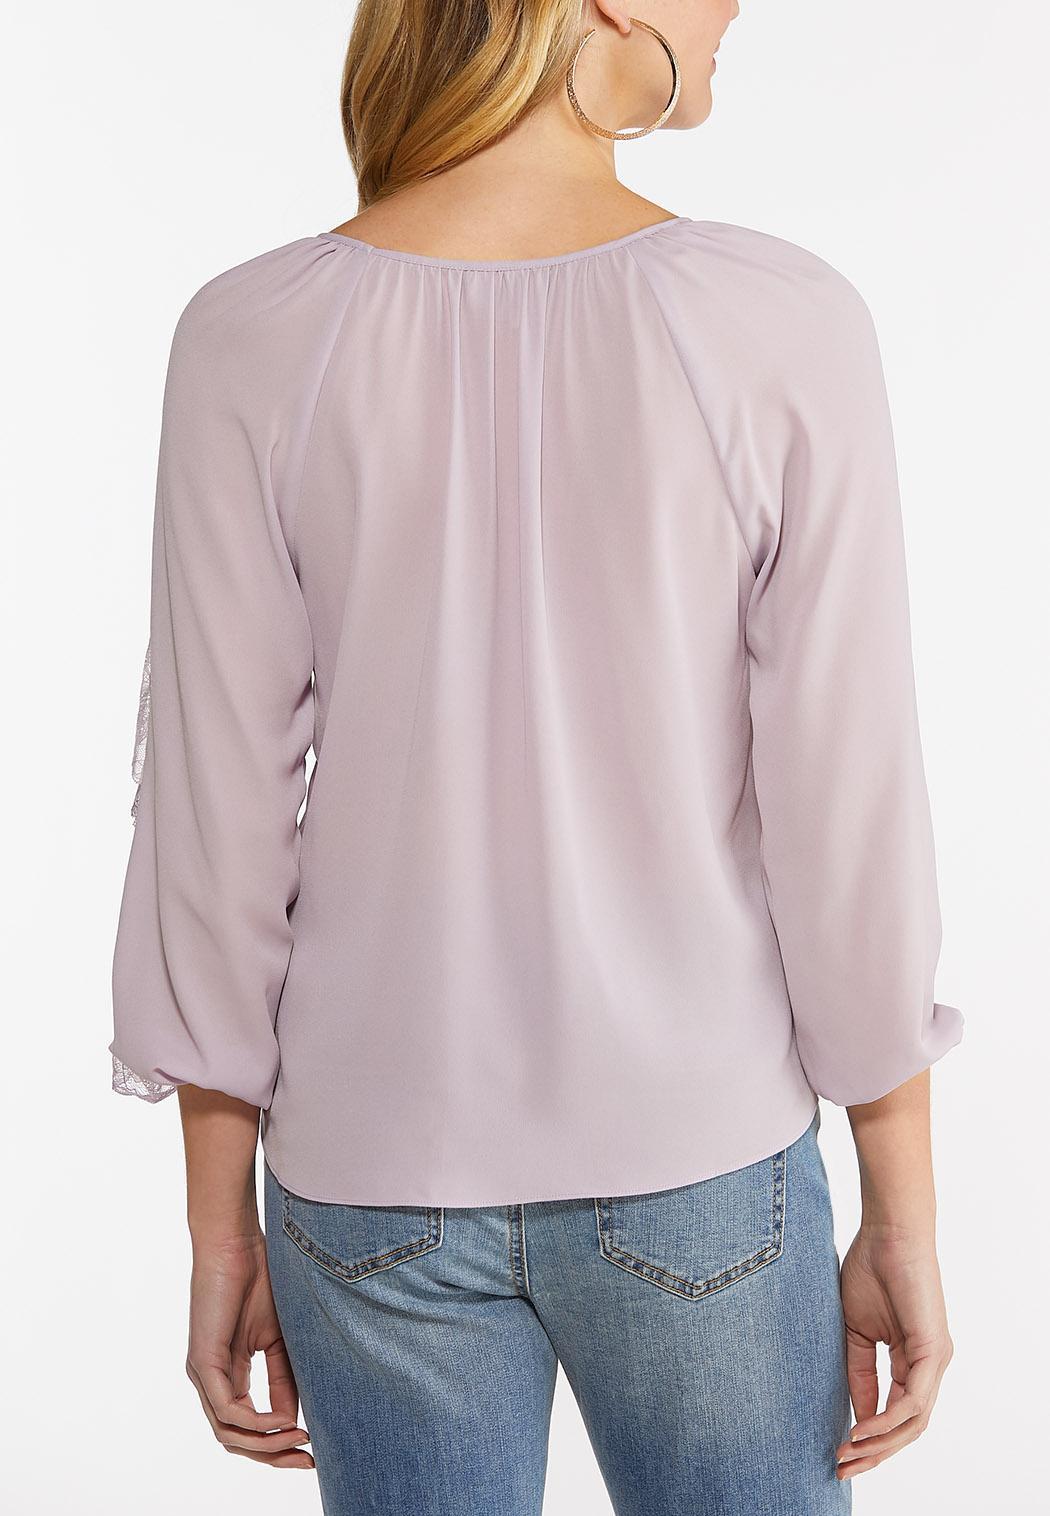 Lavender Ruffled Sleeve Top (Item #44475139)